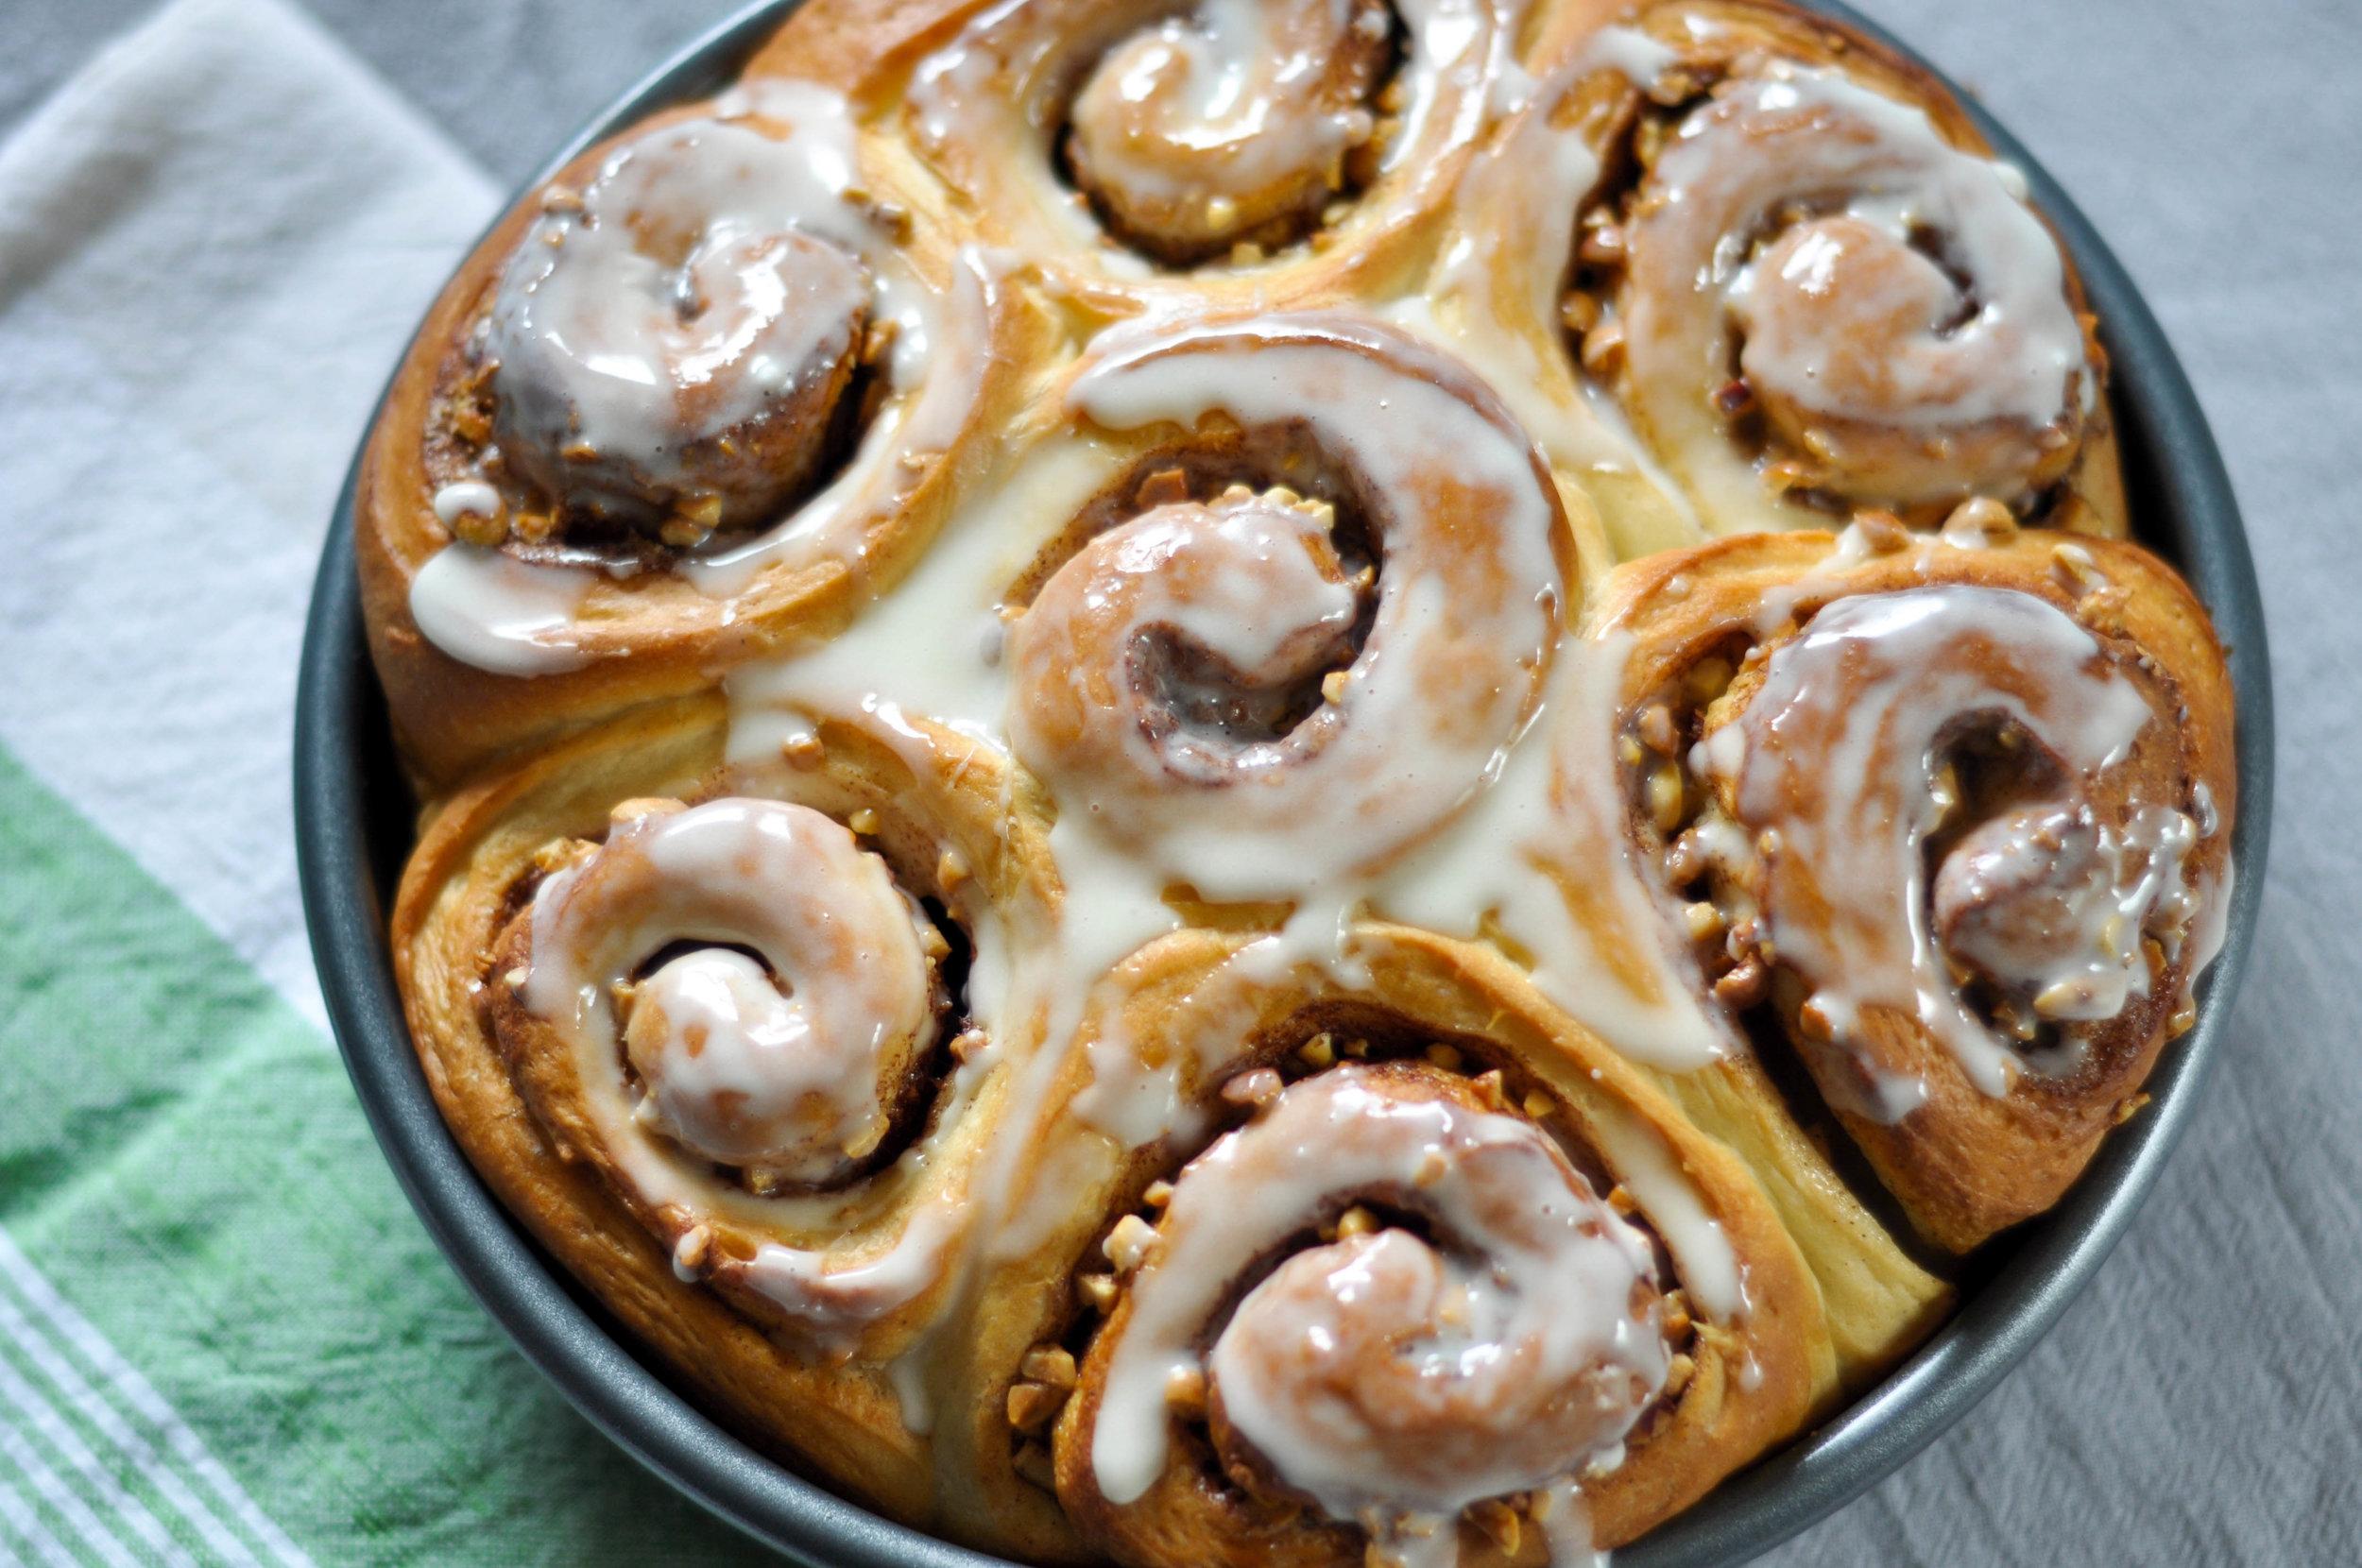 Hokkaido Milk Bread Cinnamon Rolls The Sweet Sour Baker